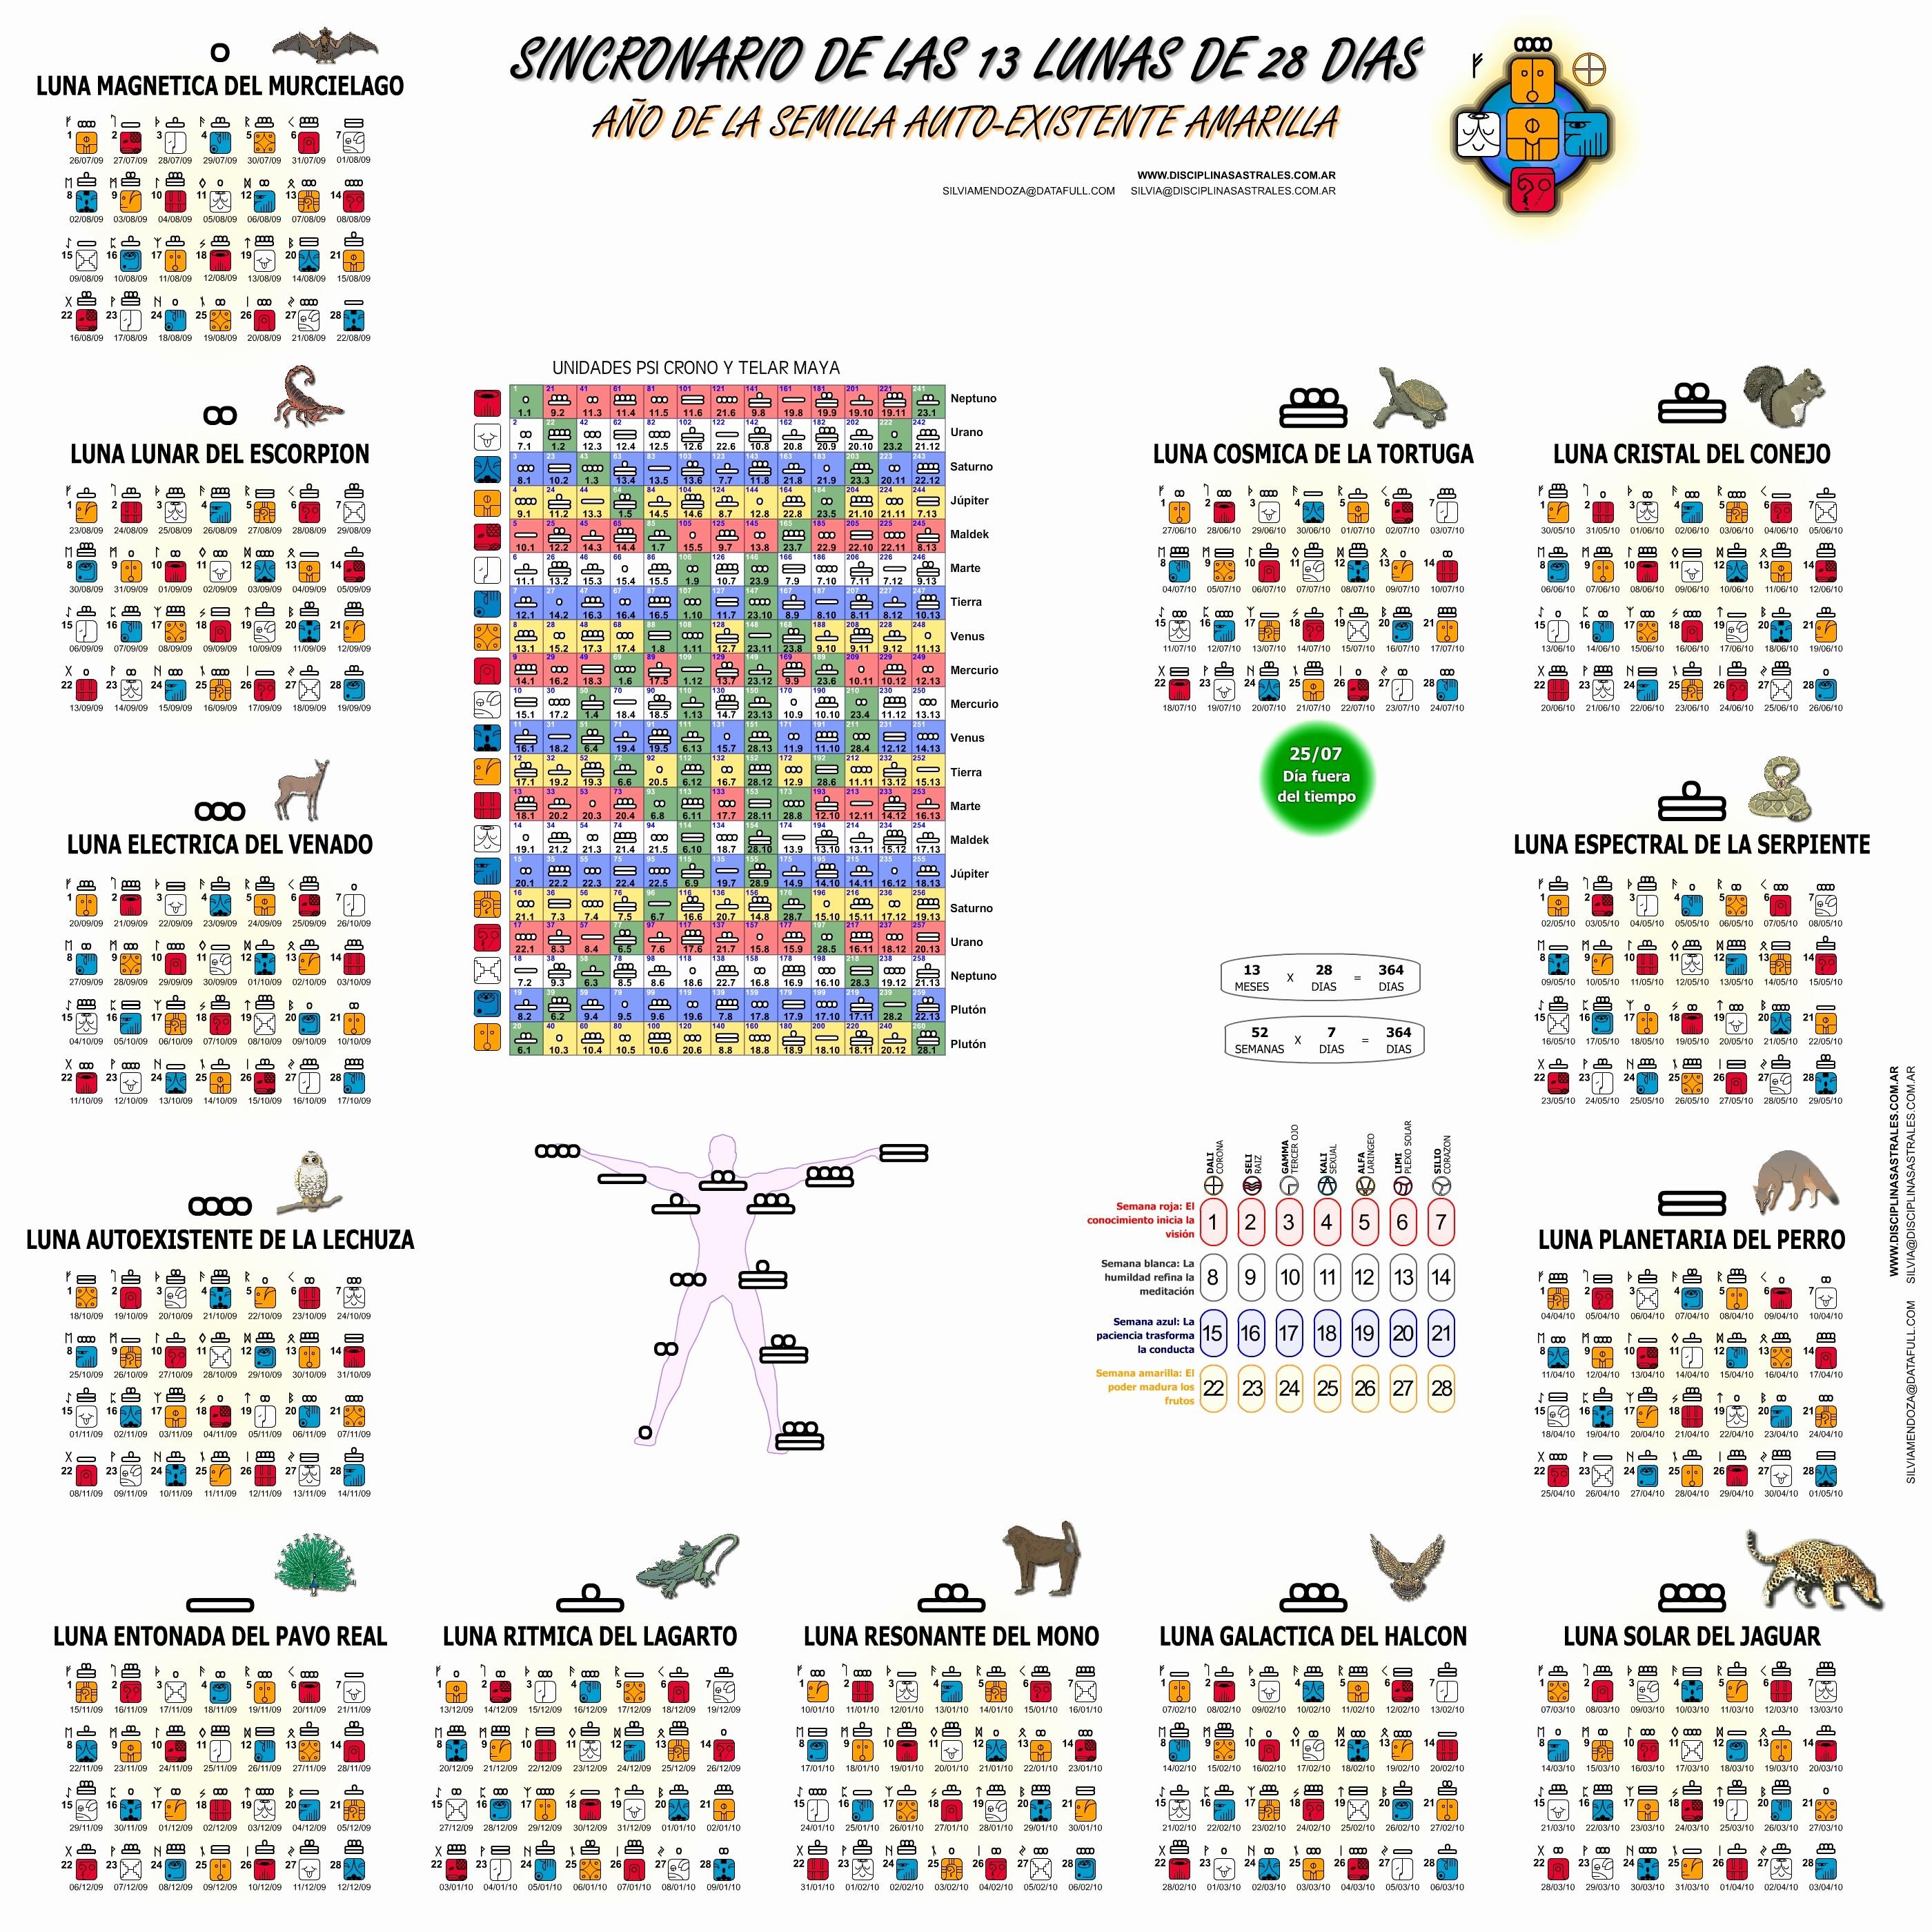 Calendario De Las 13 Lunas 2019 Calendario De Trece Lunas Universo